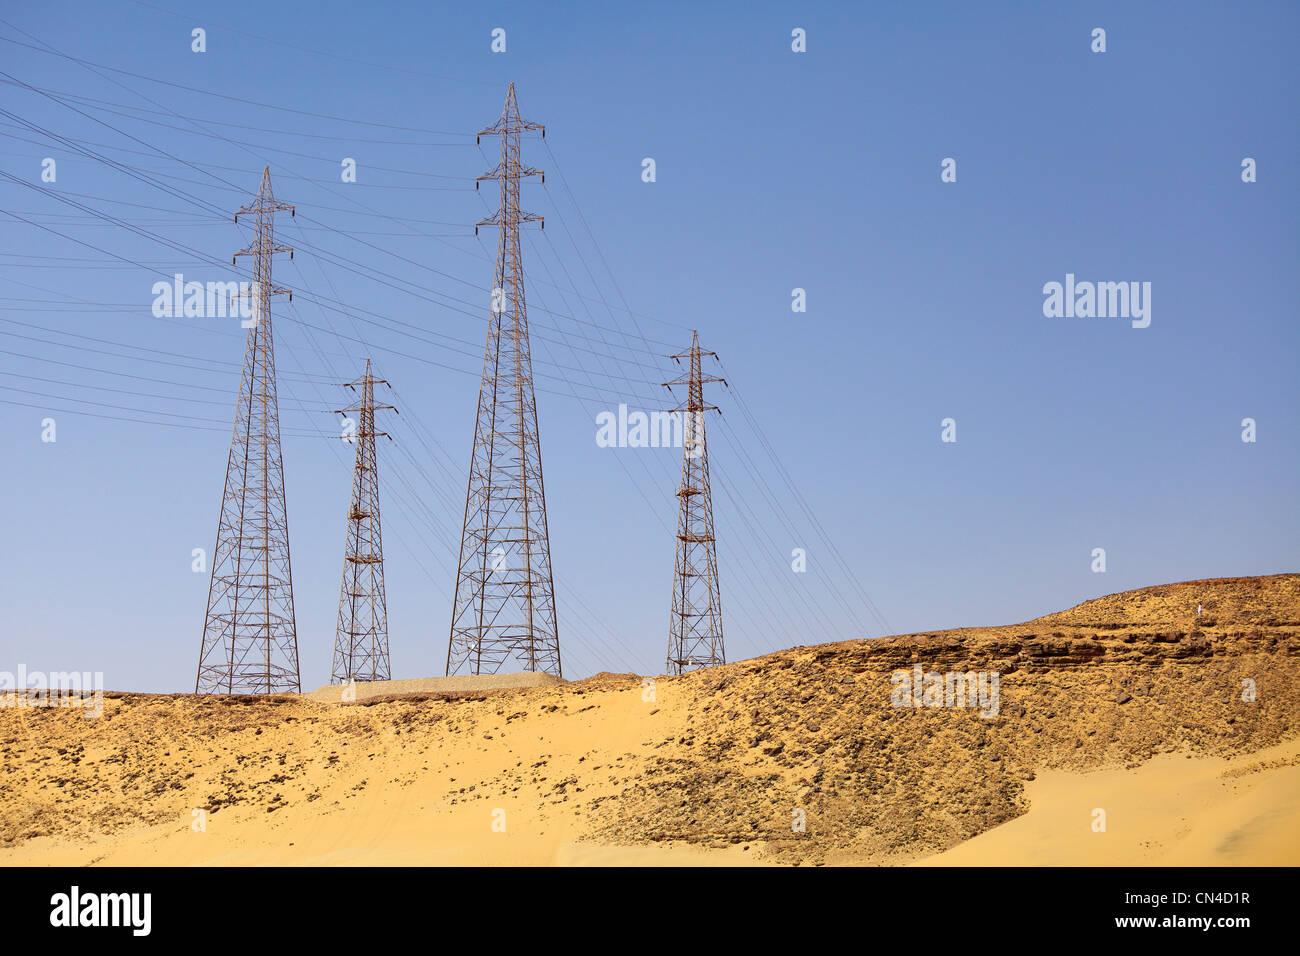 Egipto - líneas de alta tensión, cerca de Aswan. Imagen De Stock